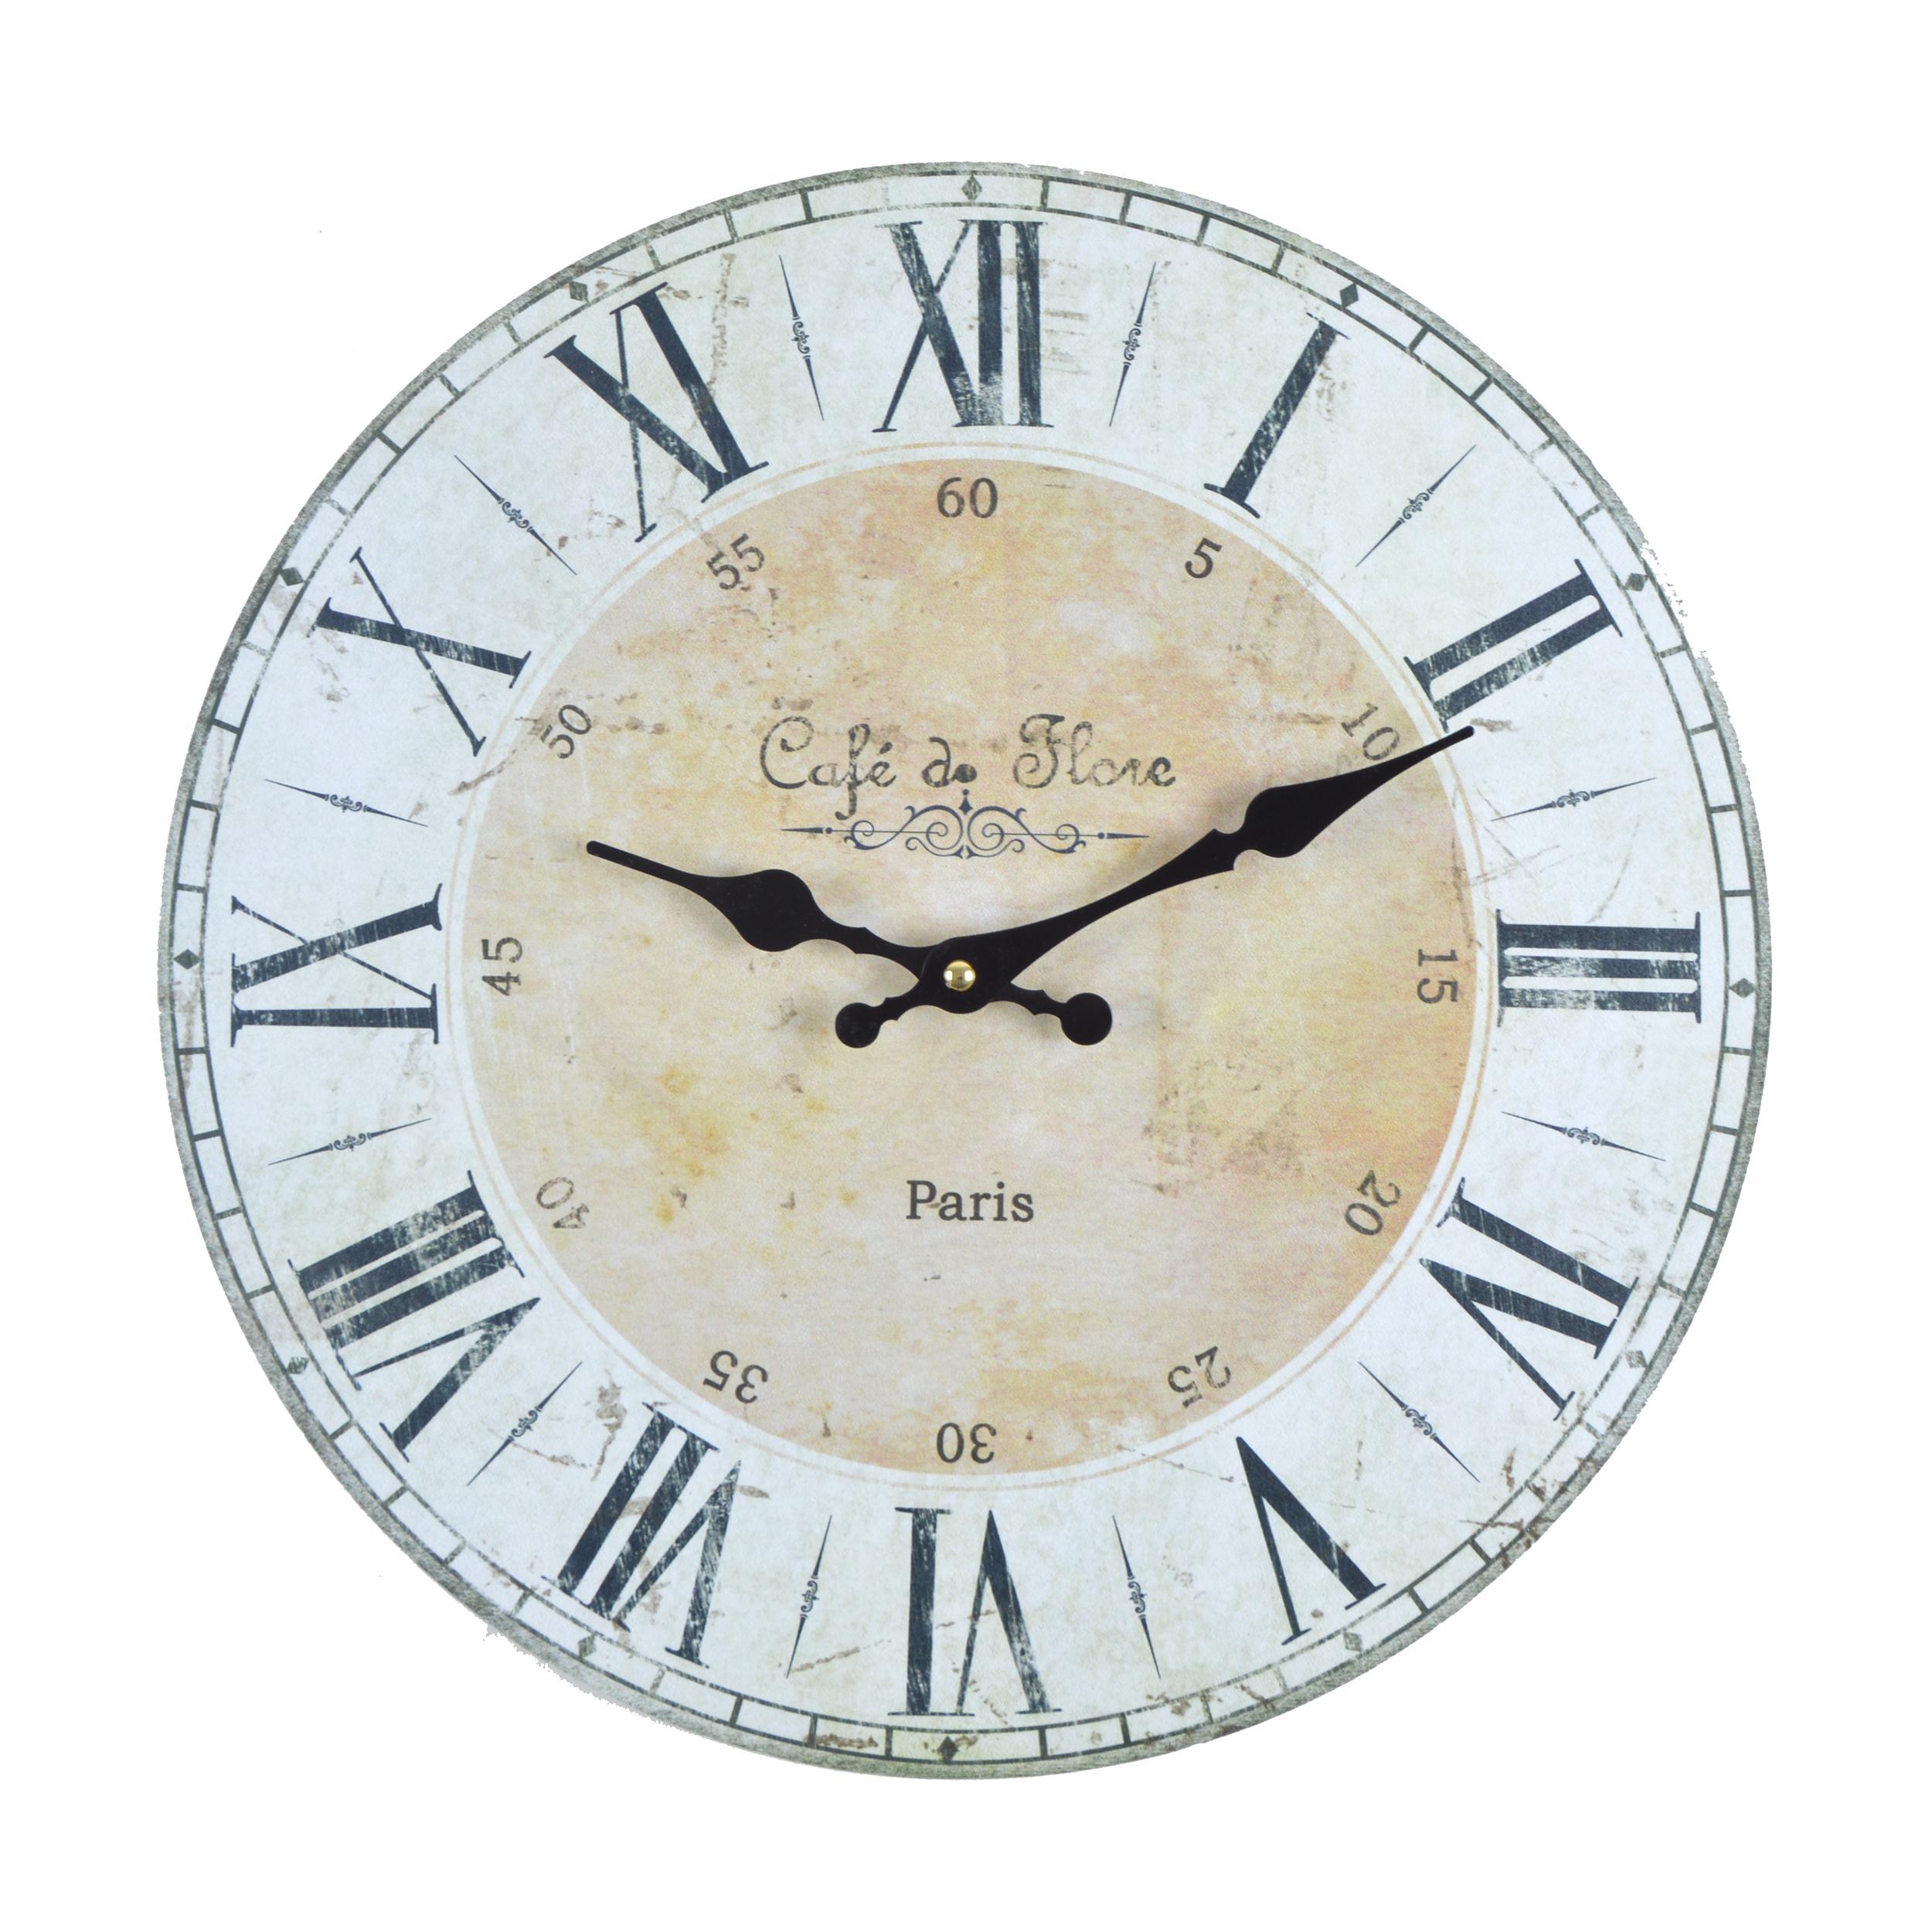 Wanduhr Cafe de Flore - beige - Vintage Uhr